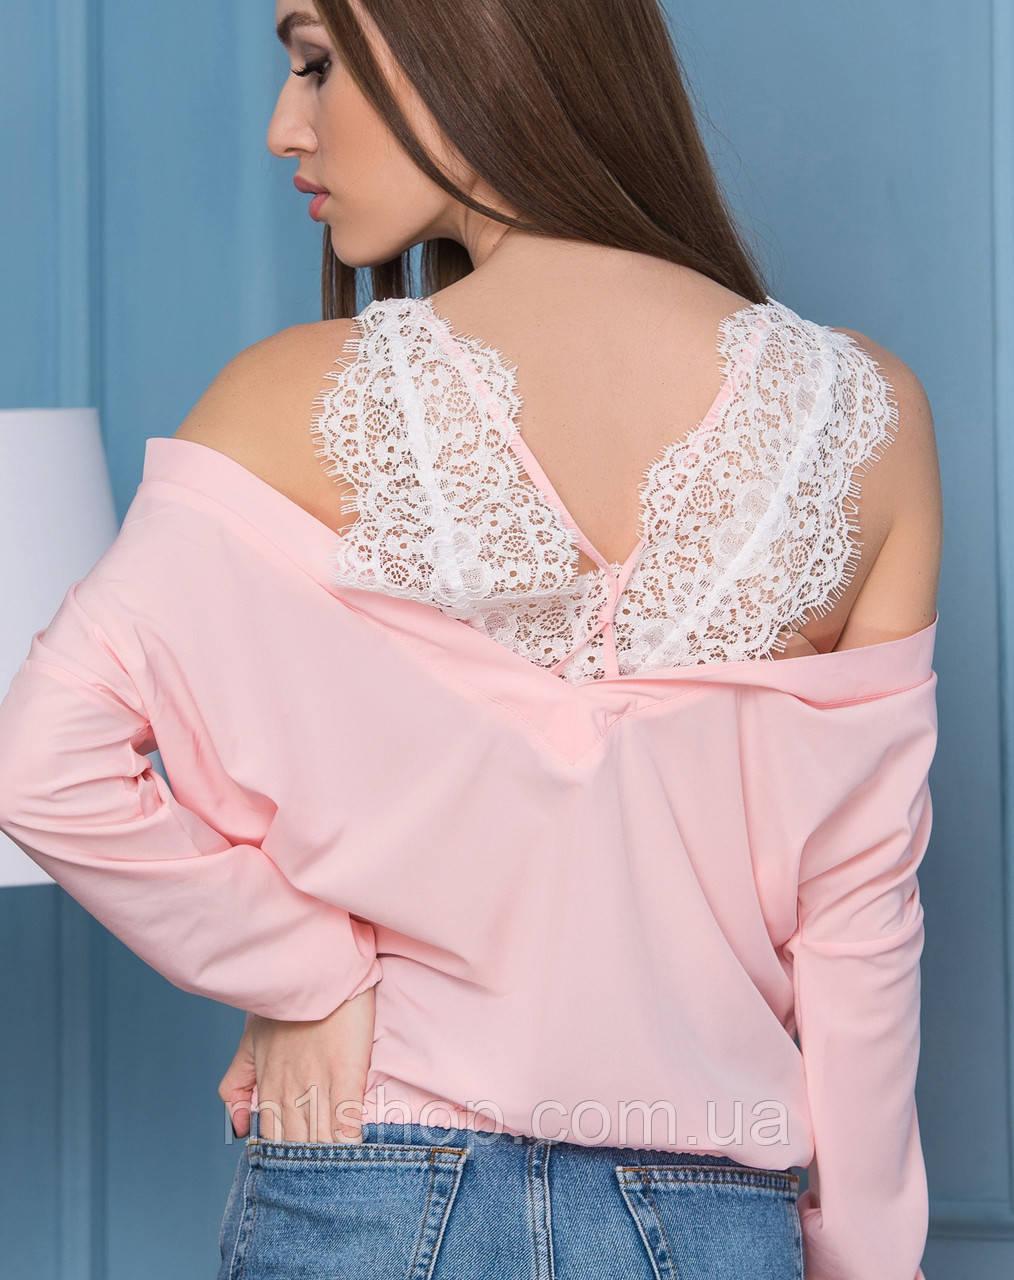 Блузка с кружевом (2112 br)